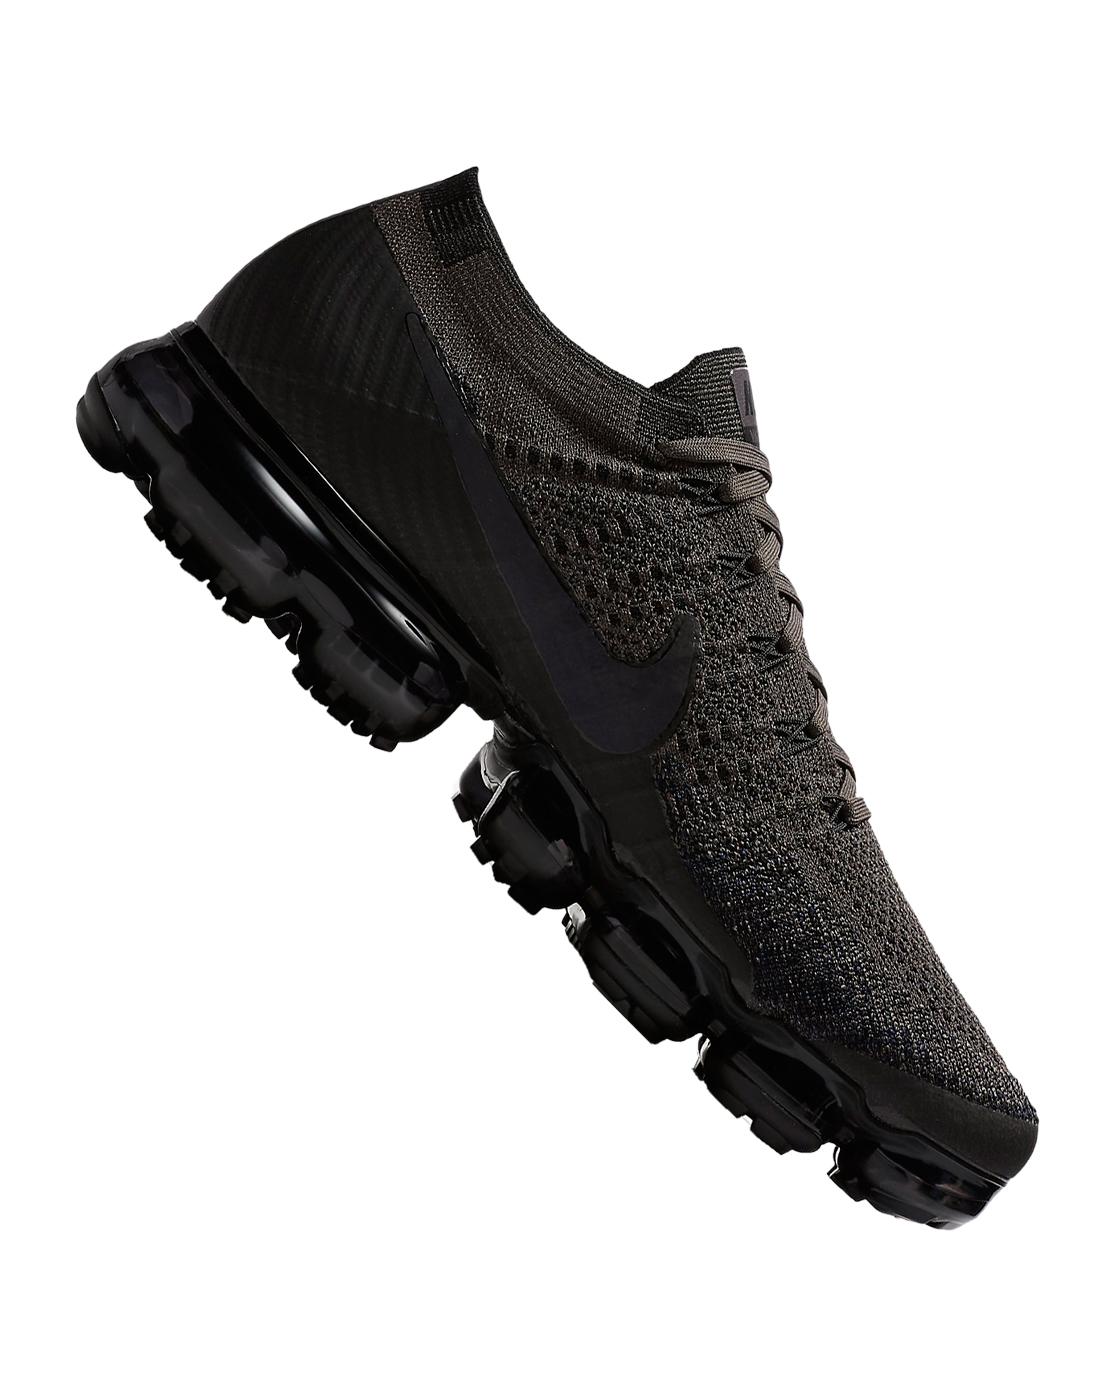 bc84d1488402 Nike Mens Air Vapormax Flyknit Midnight Fog